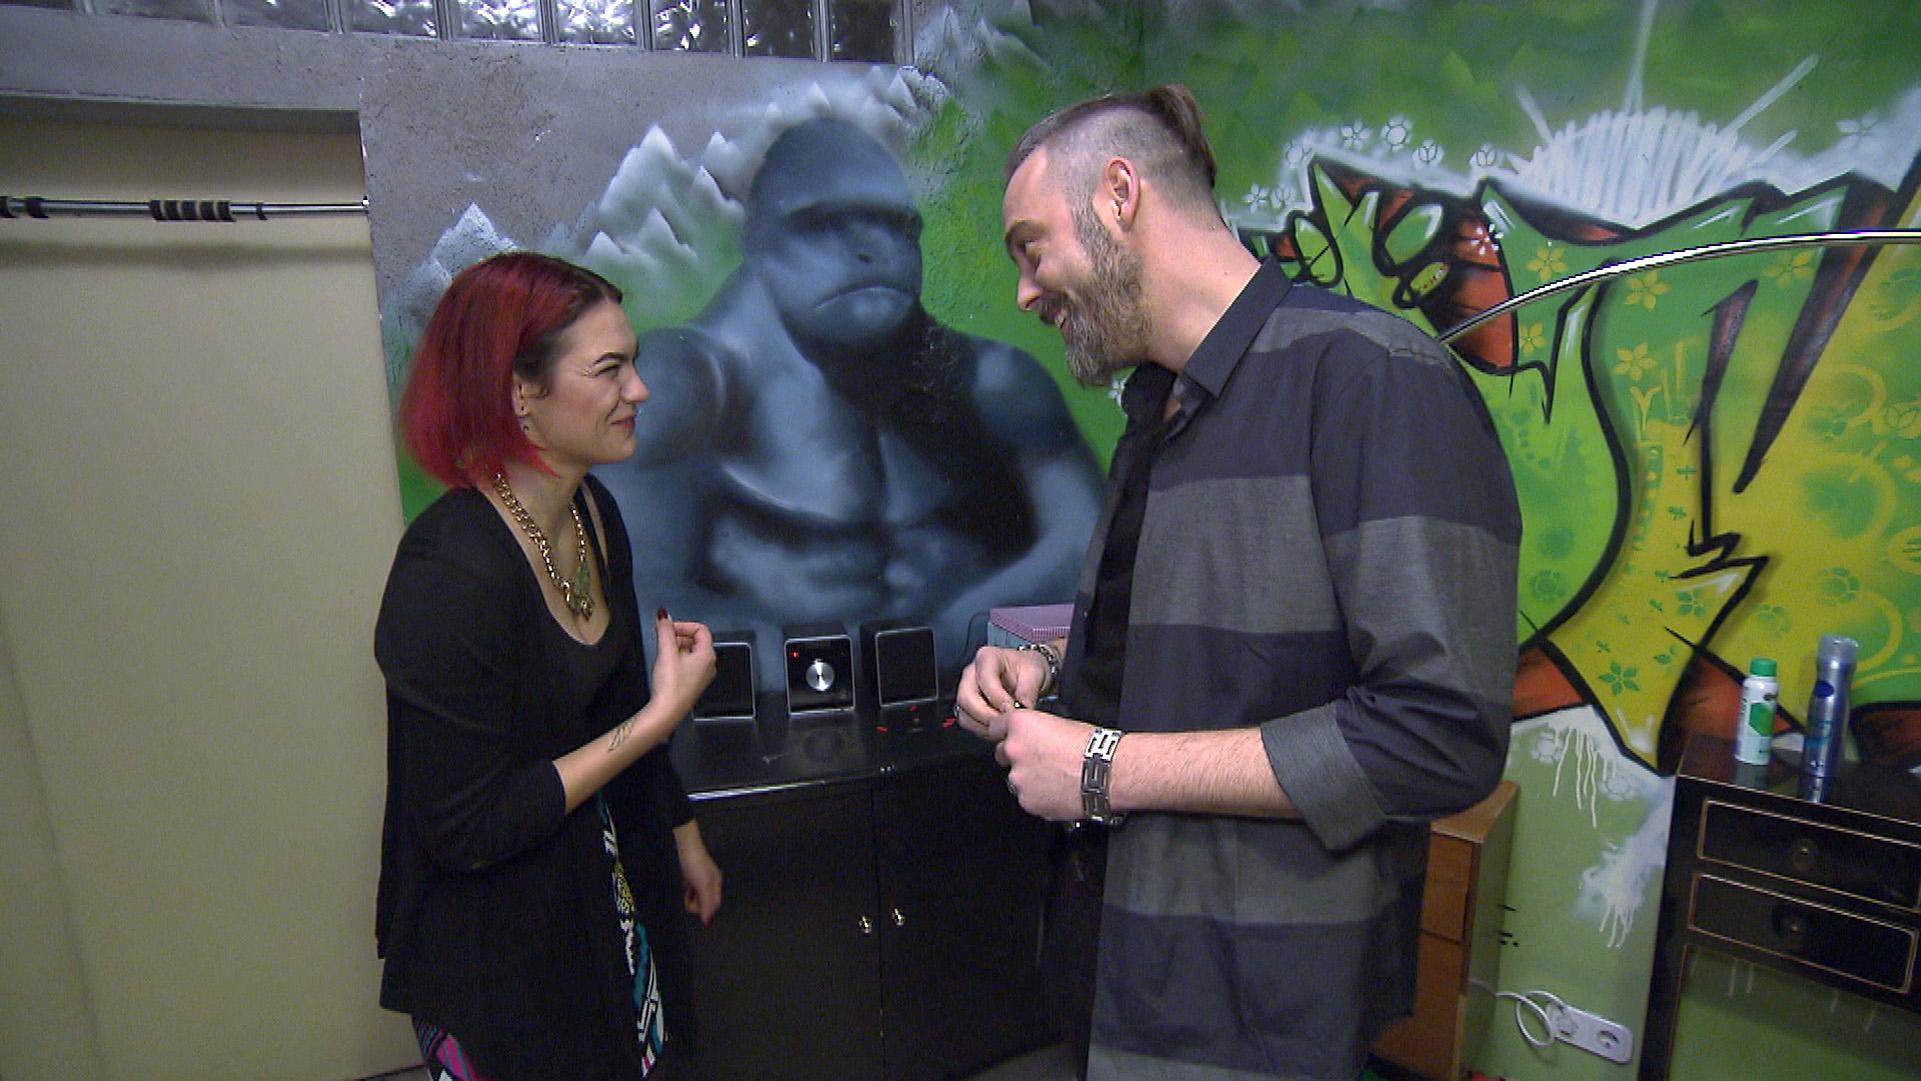 Als Jessica (li.) zufällig Theo trifft, lässt sie sich auf eine Verabredung mit ihm ein und ist sofort wieder von ihm angetan. (Quelle: RTL 2)